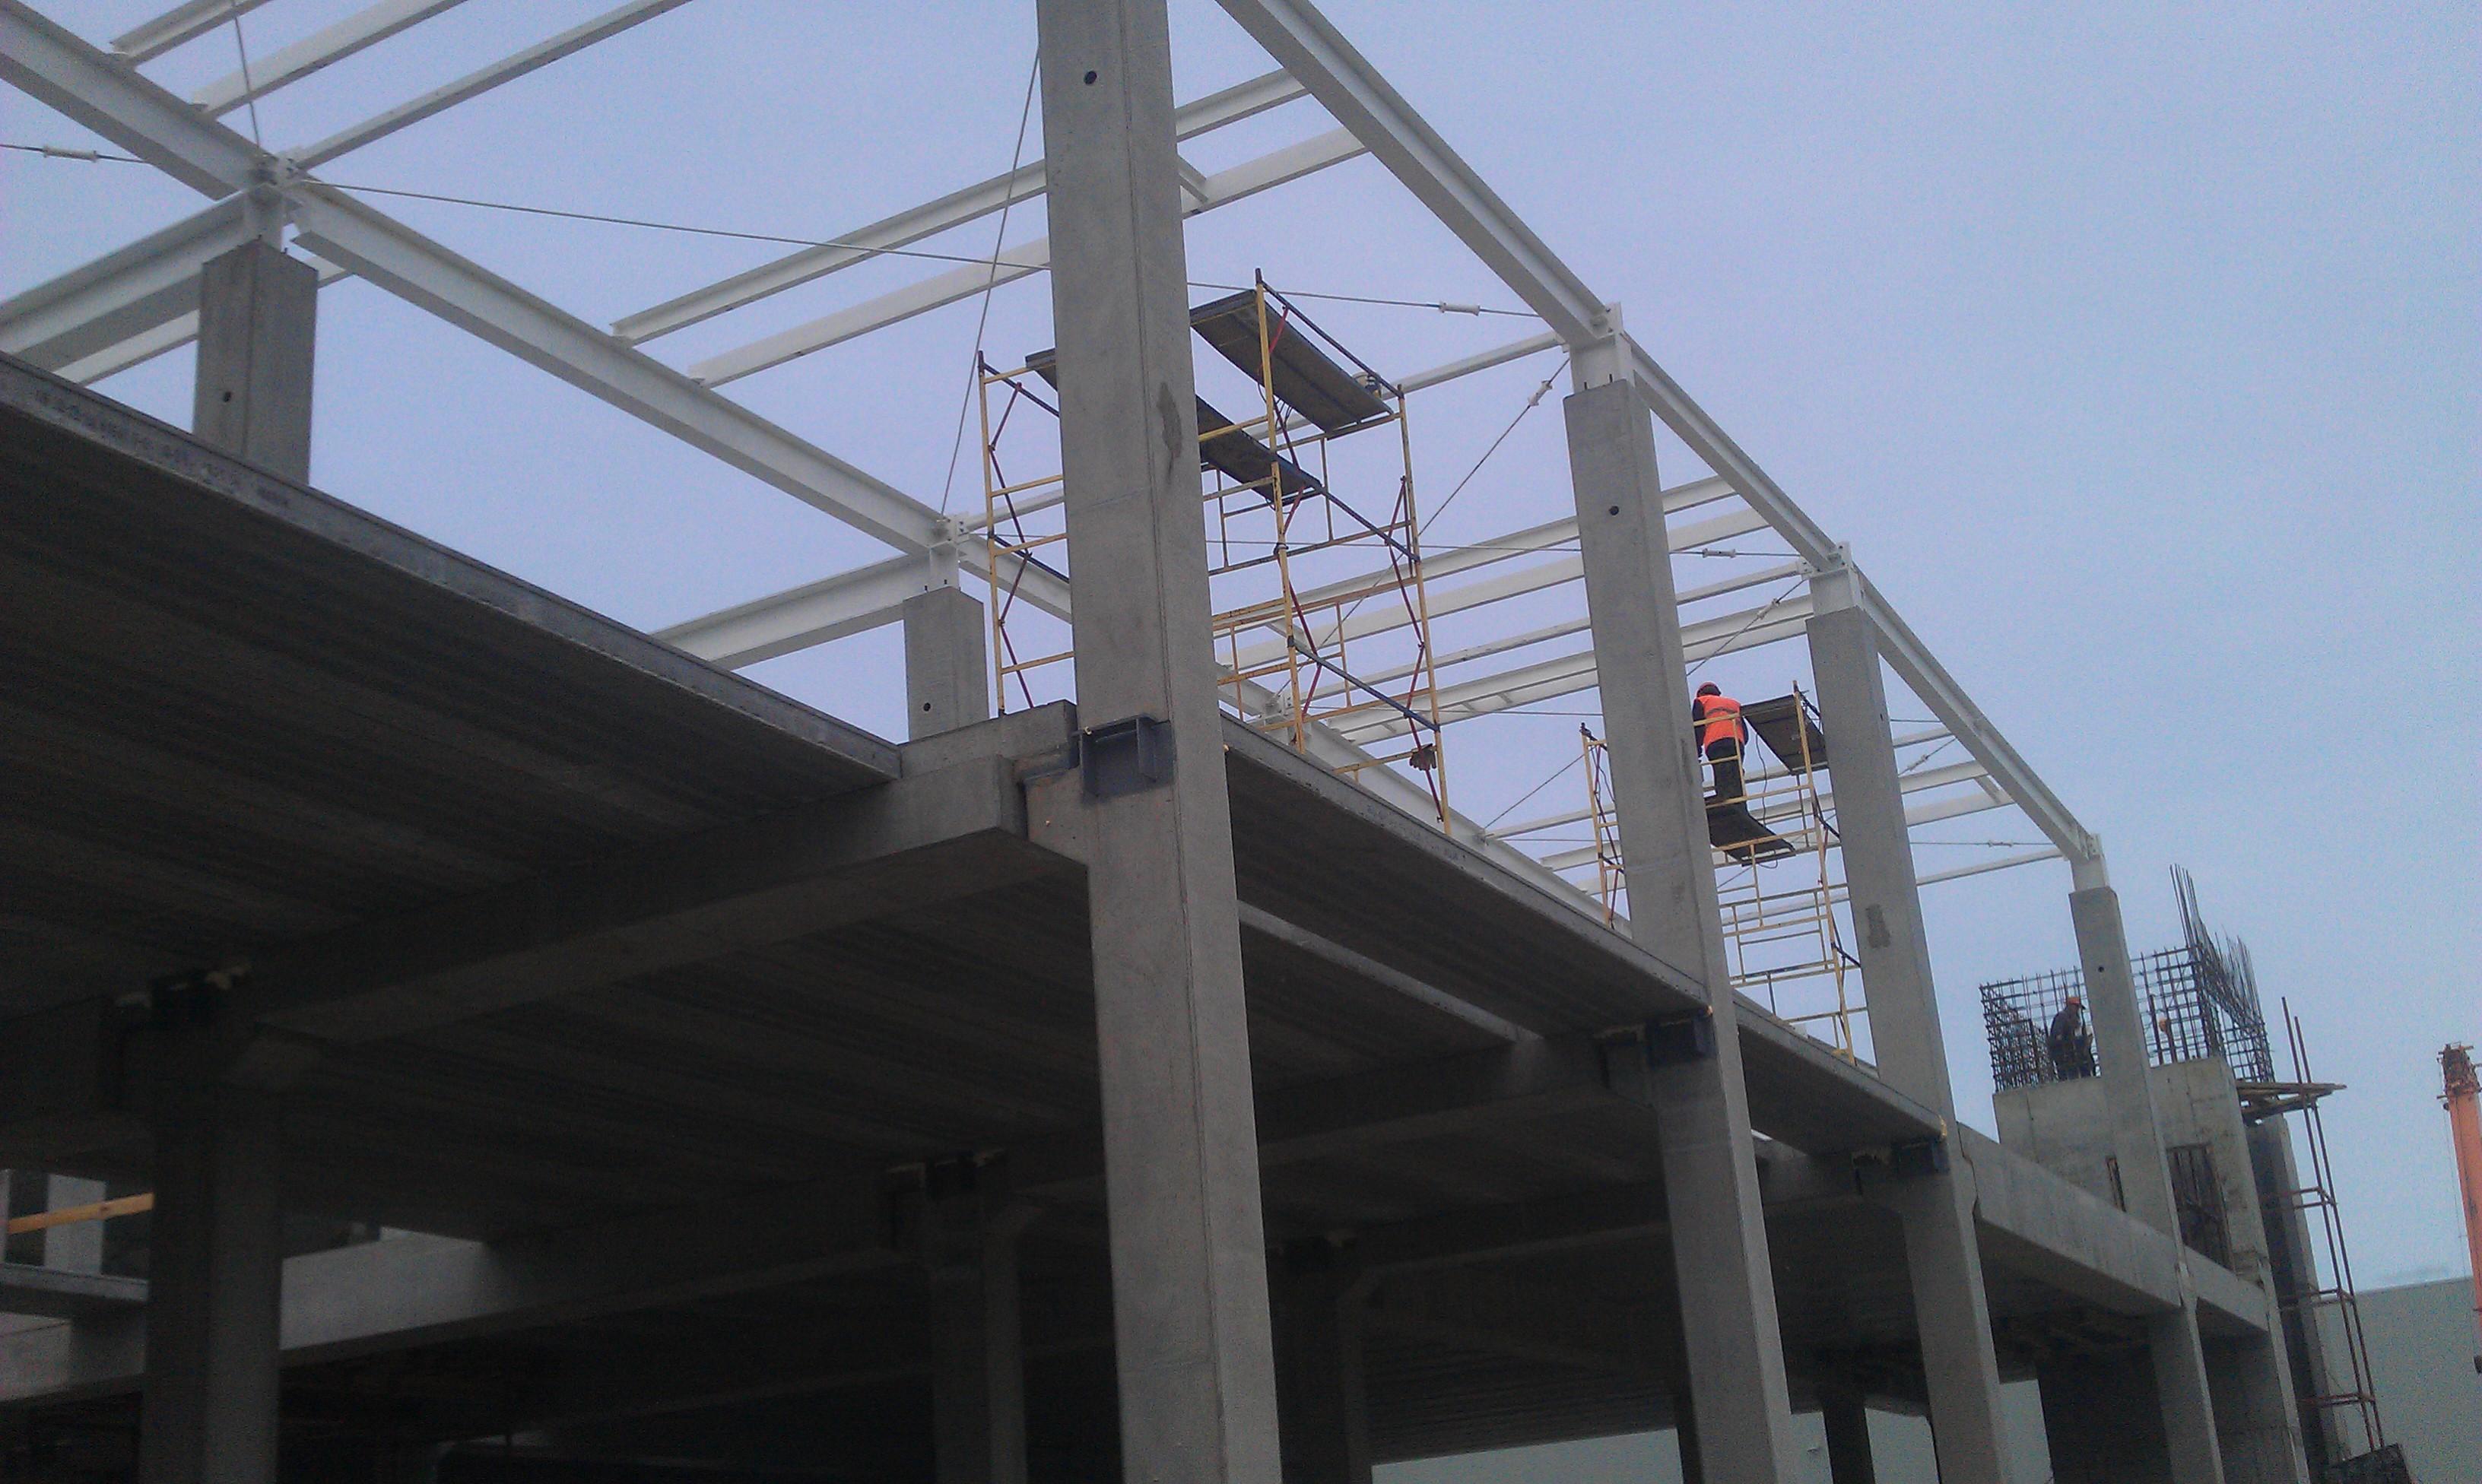 НВЗМК произвел и отгрузил продукцию для строительства металлоконструкции склада  в Петрозаводске